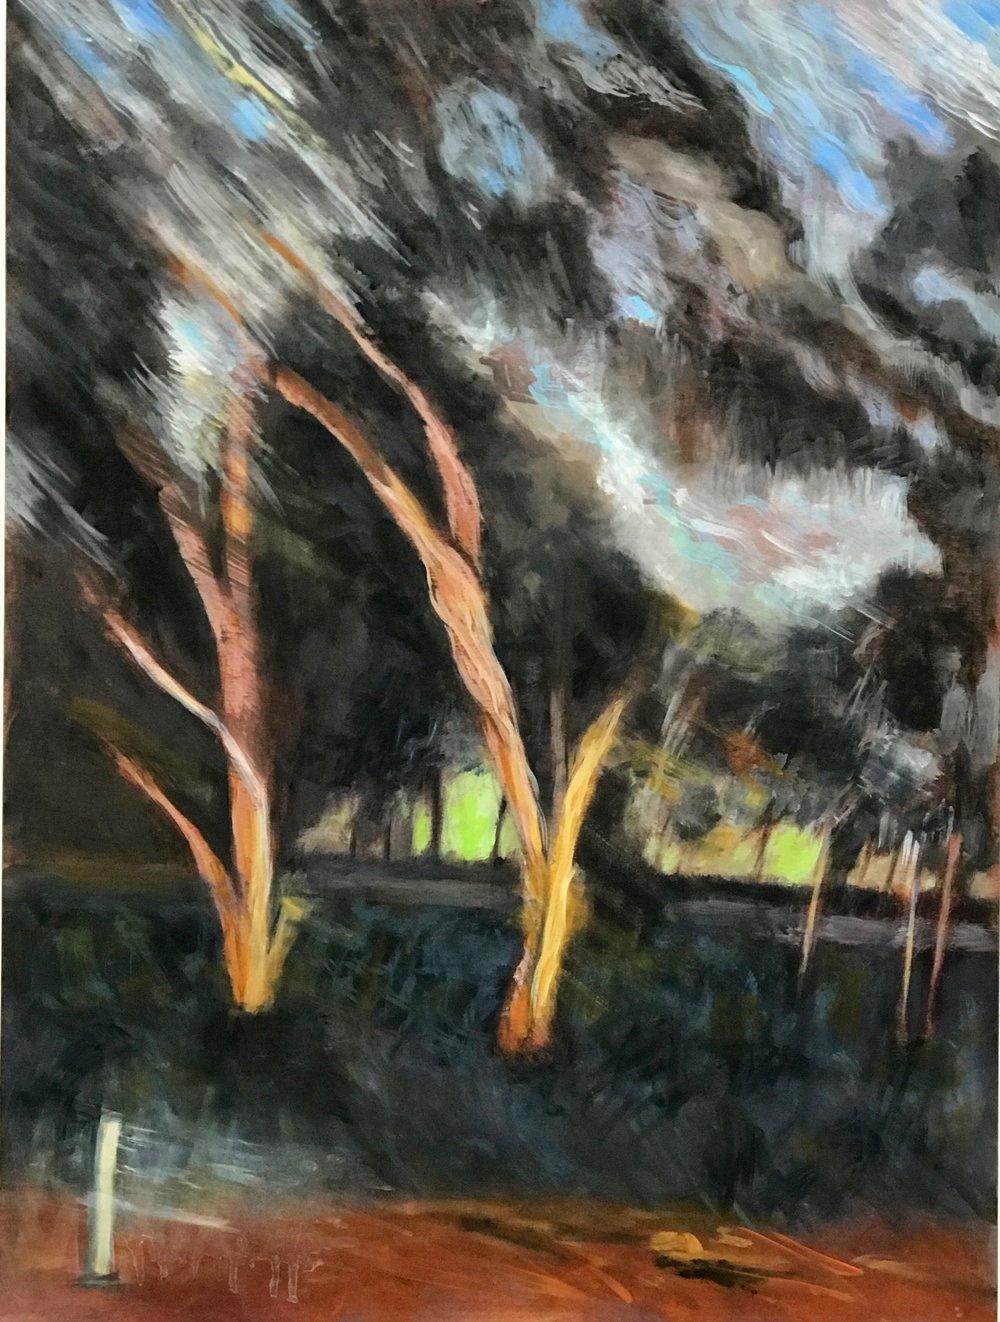 Wendy-Castleden-Moving-On-Oil-on-Board-61cm-x-46cm-x-4cm-IMG_1849.jpg